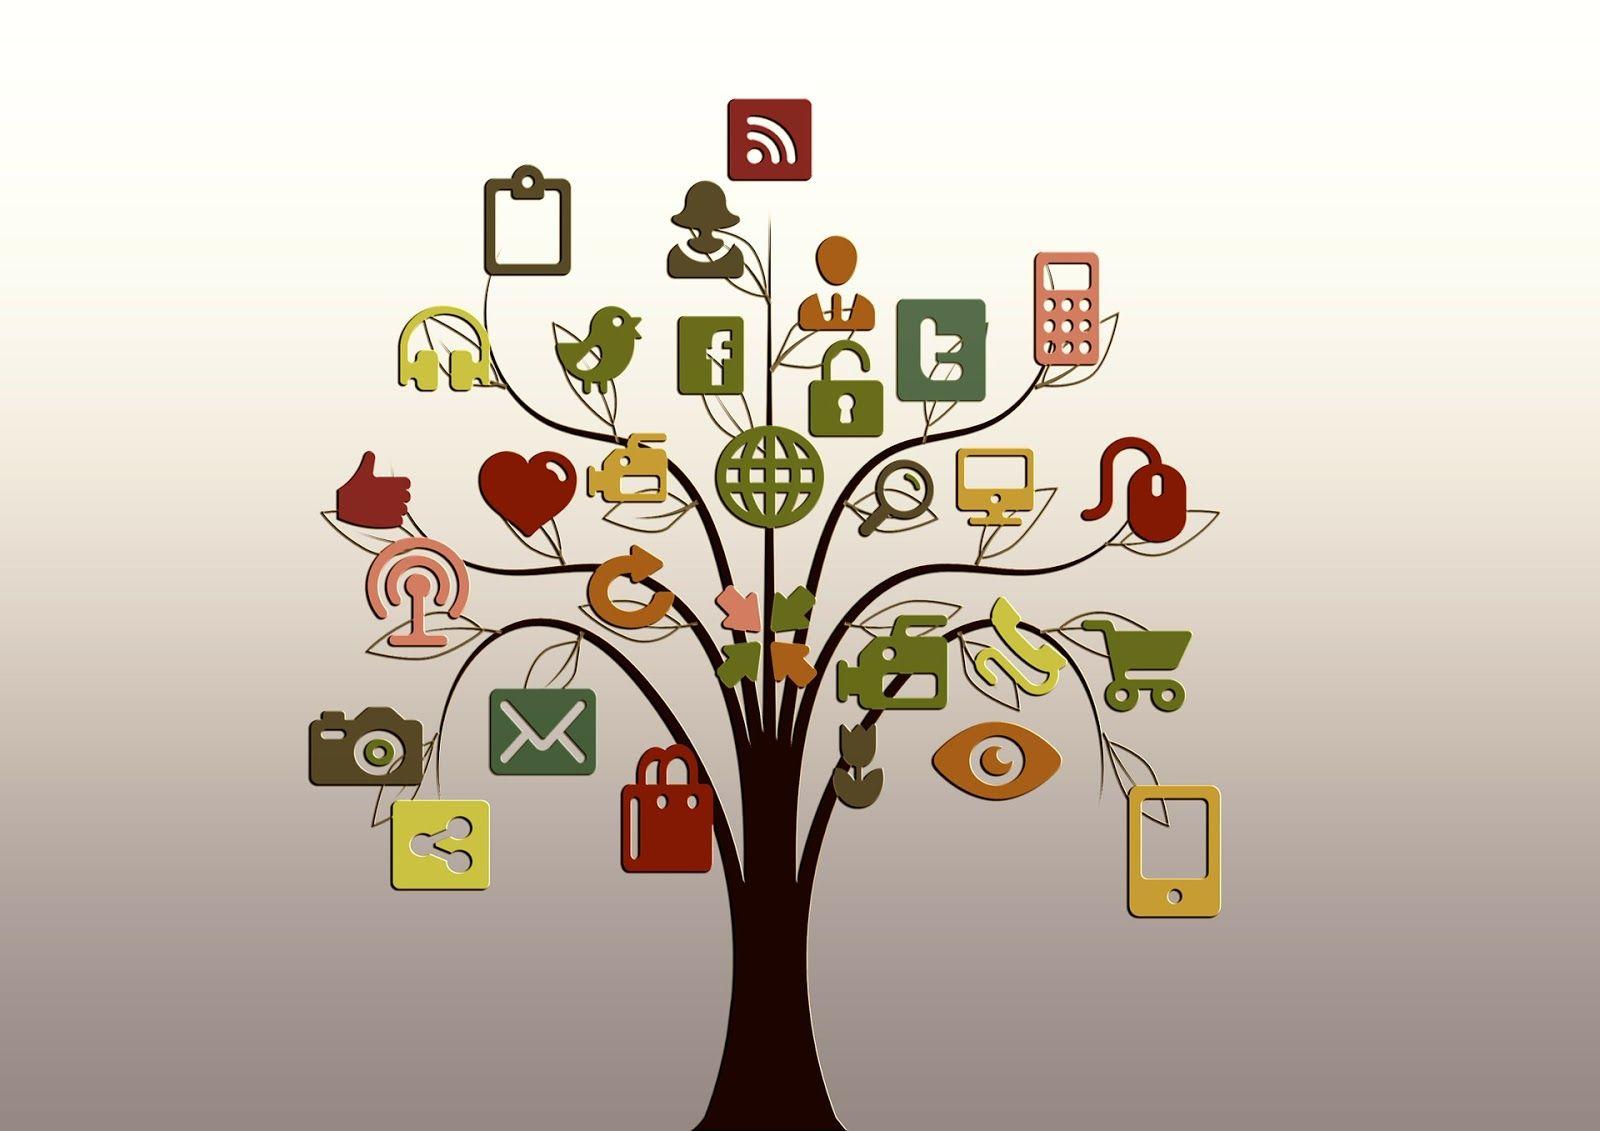 albero con le immagini di diversi elementi della tecnologia